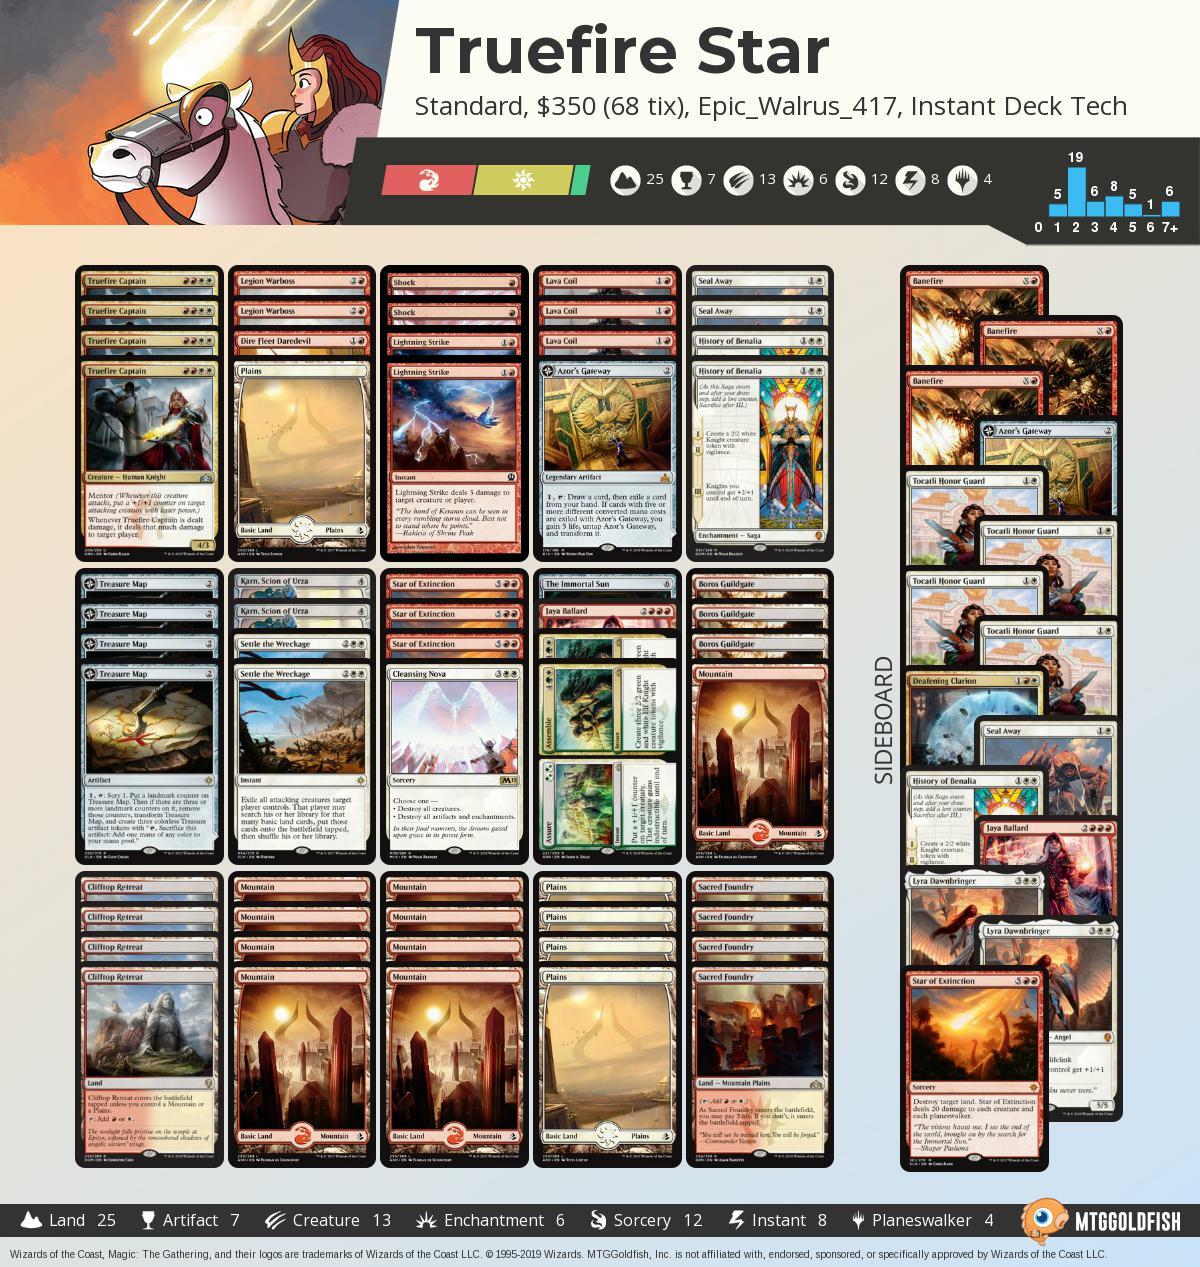 Truefire%2bstar cfc4239b 5a79 4787 bf67 da5425c3e000%2ejpg